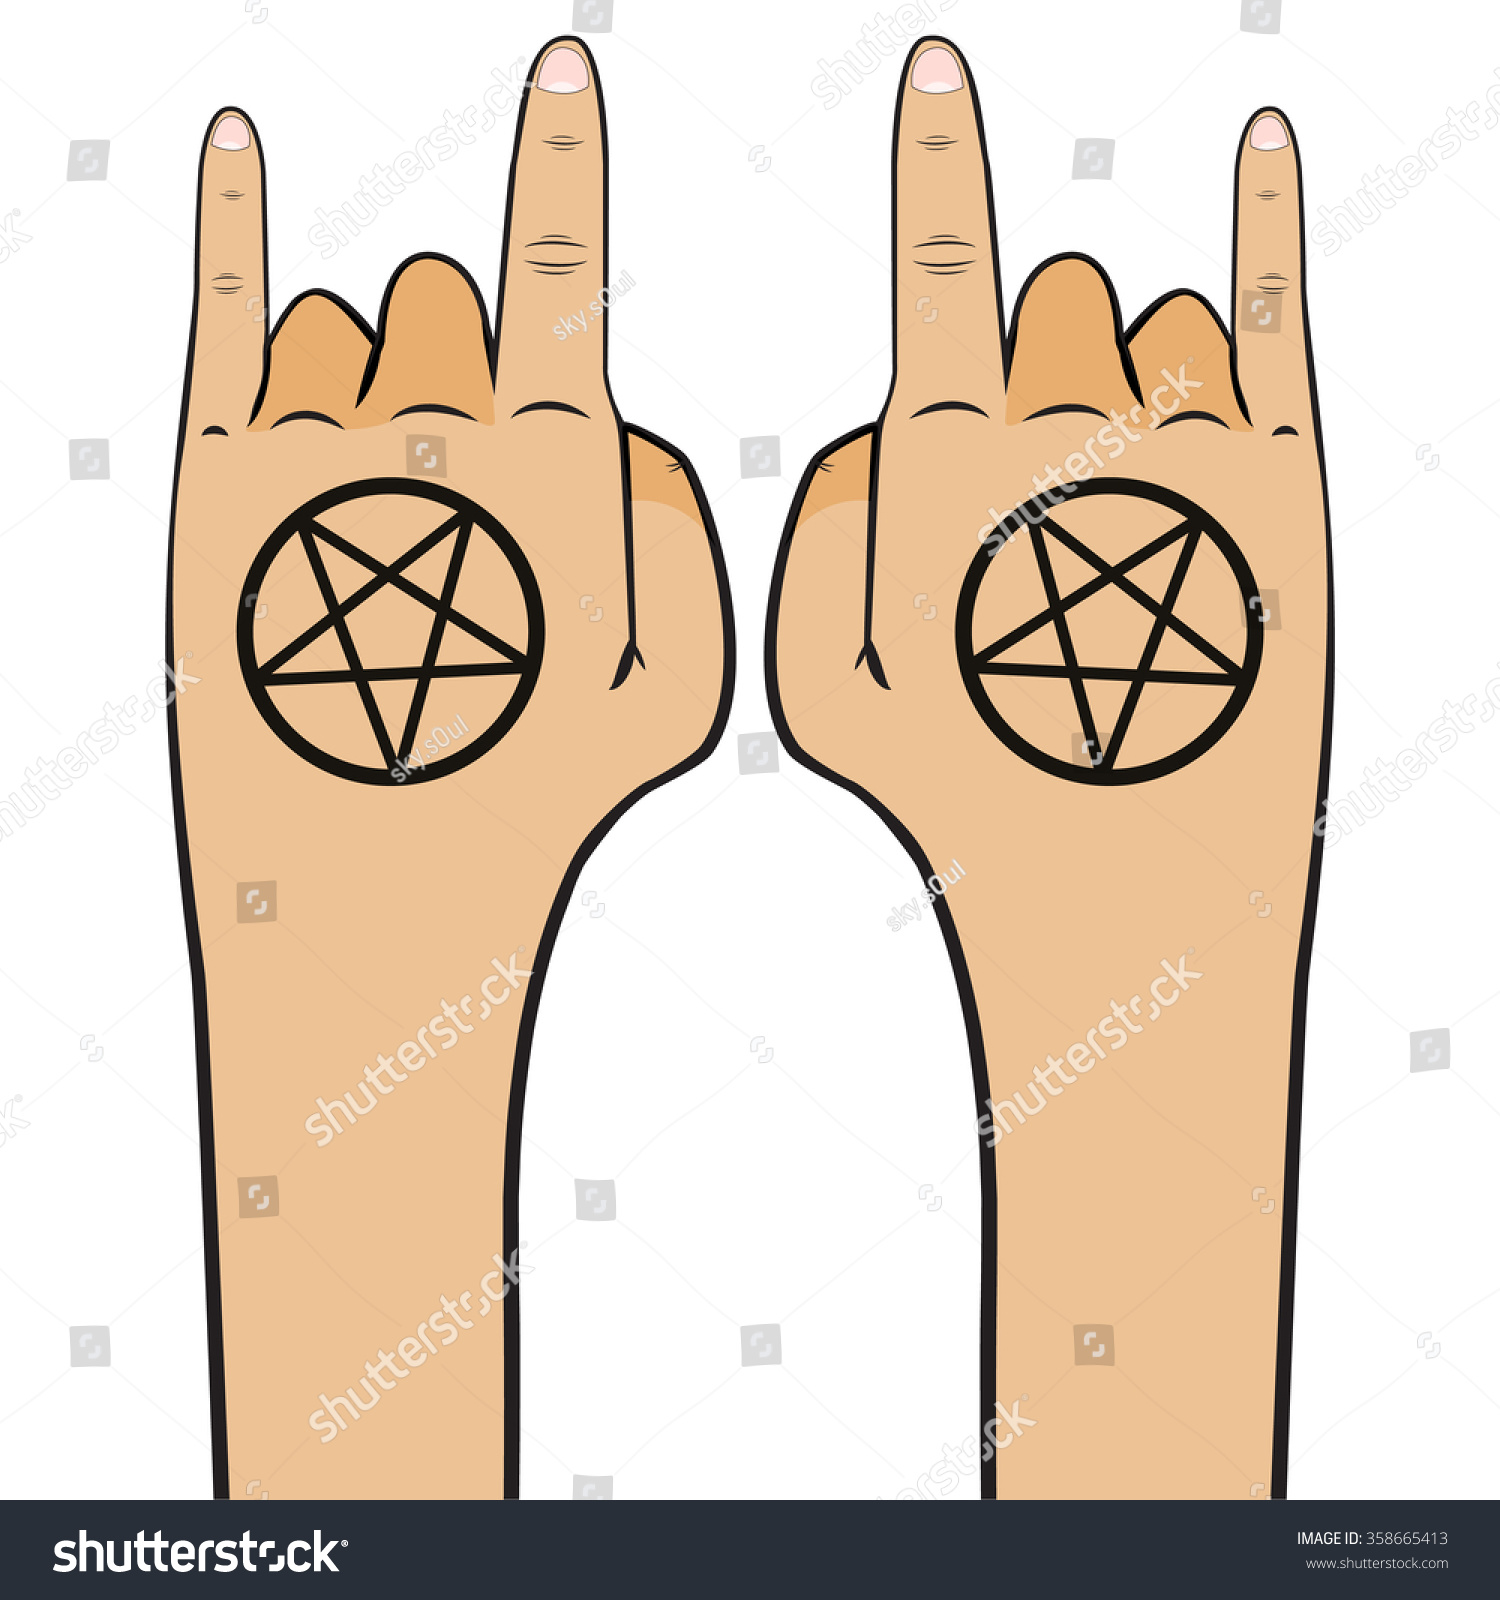 Informal Emotions Pentagram Tattoo Hand Emotions Stock Vector